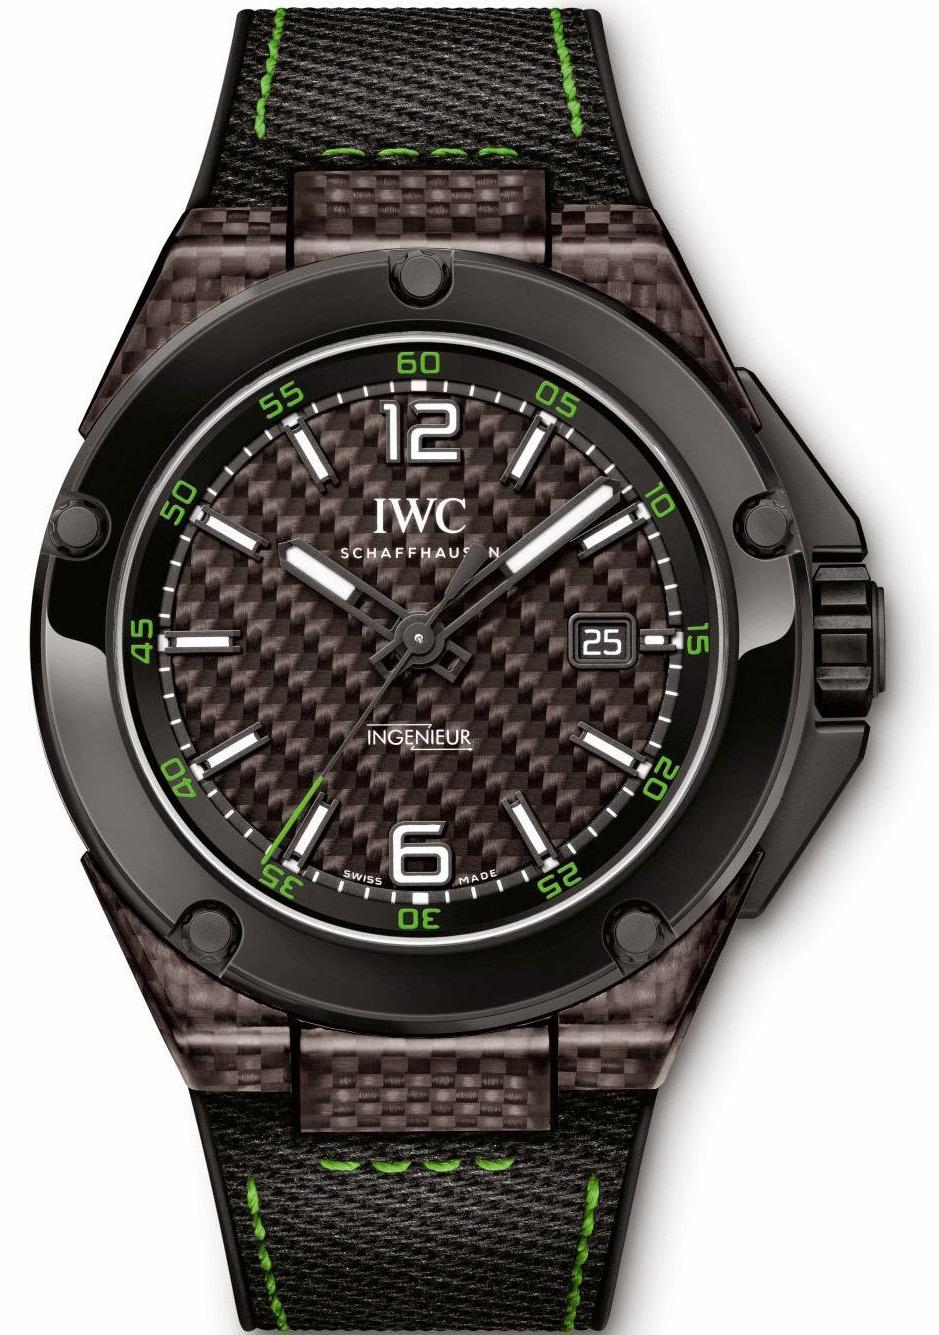 IWC Ingenieur Carbon Performance Ceramic